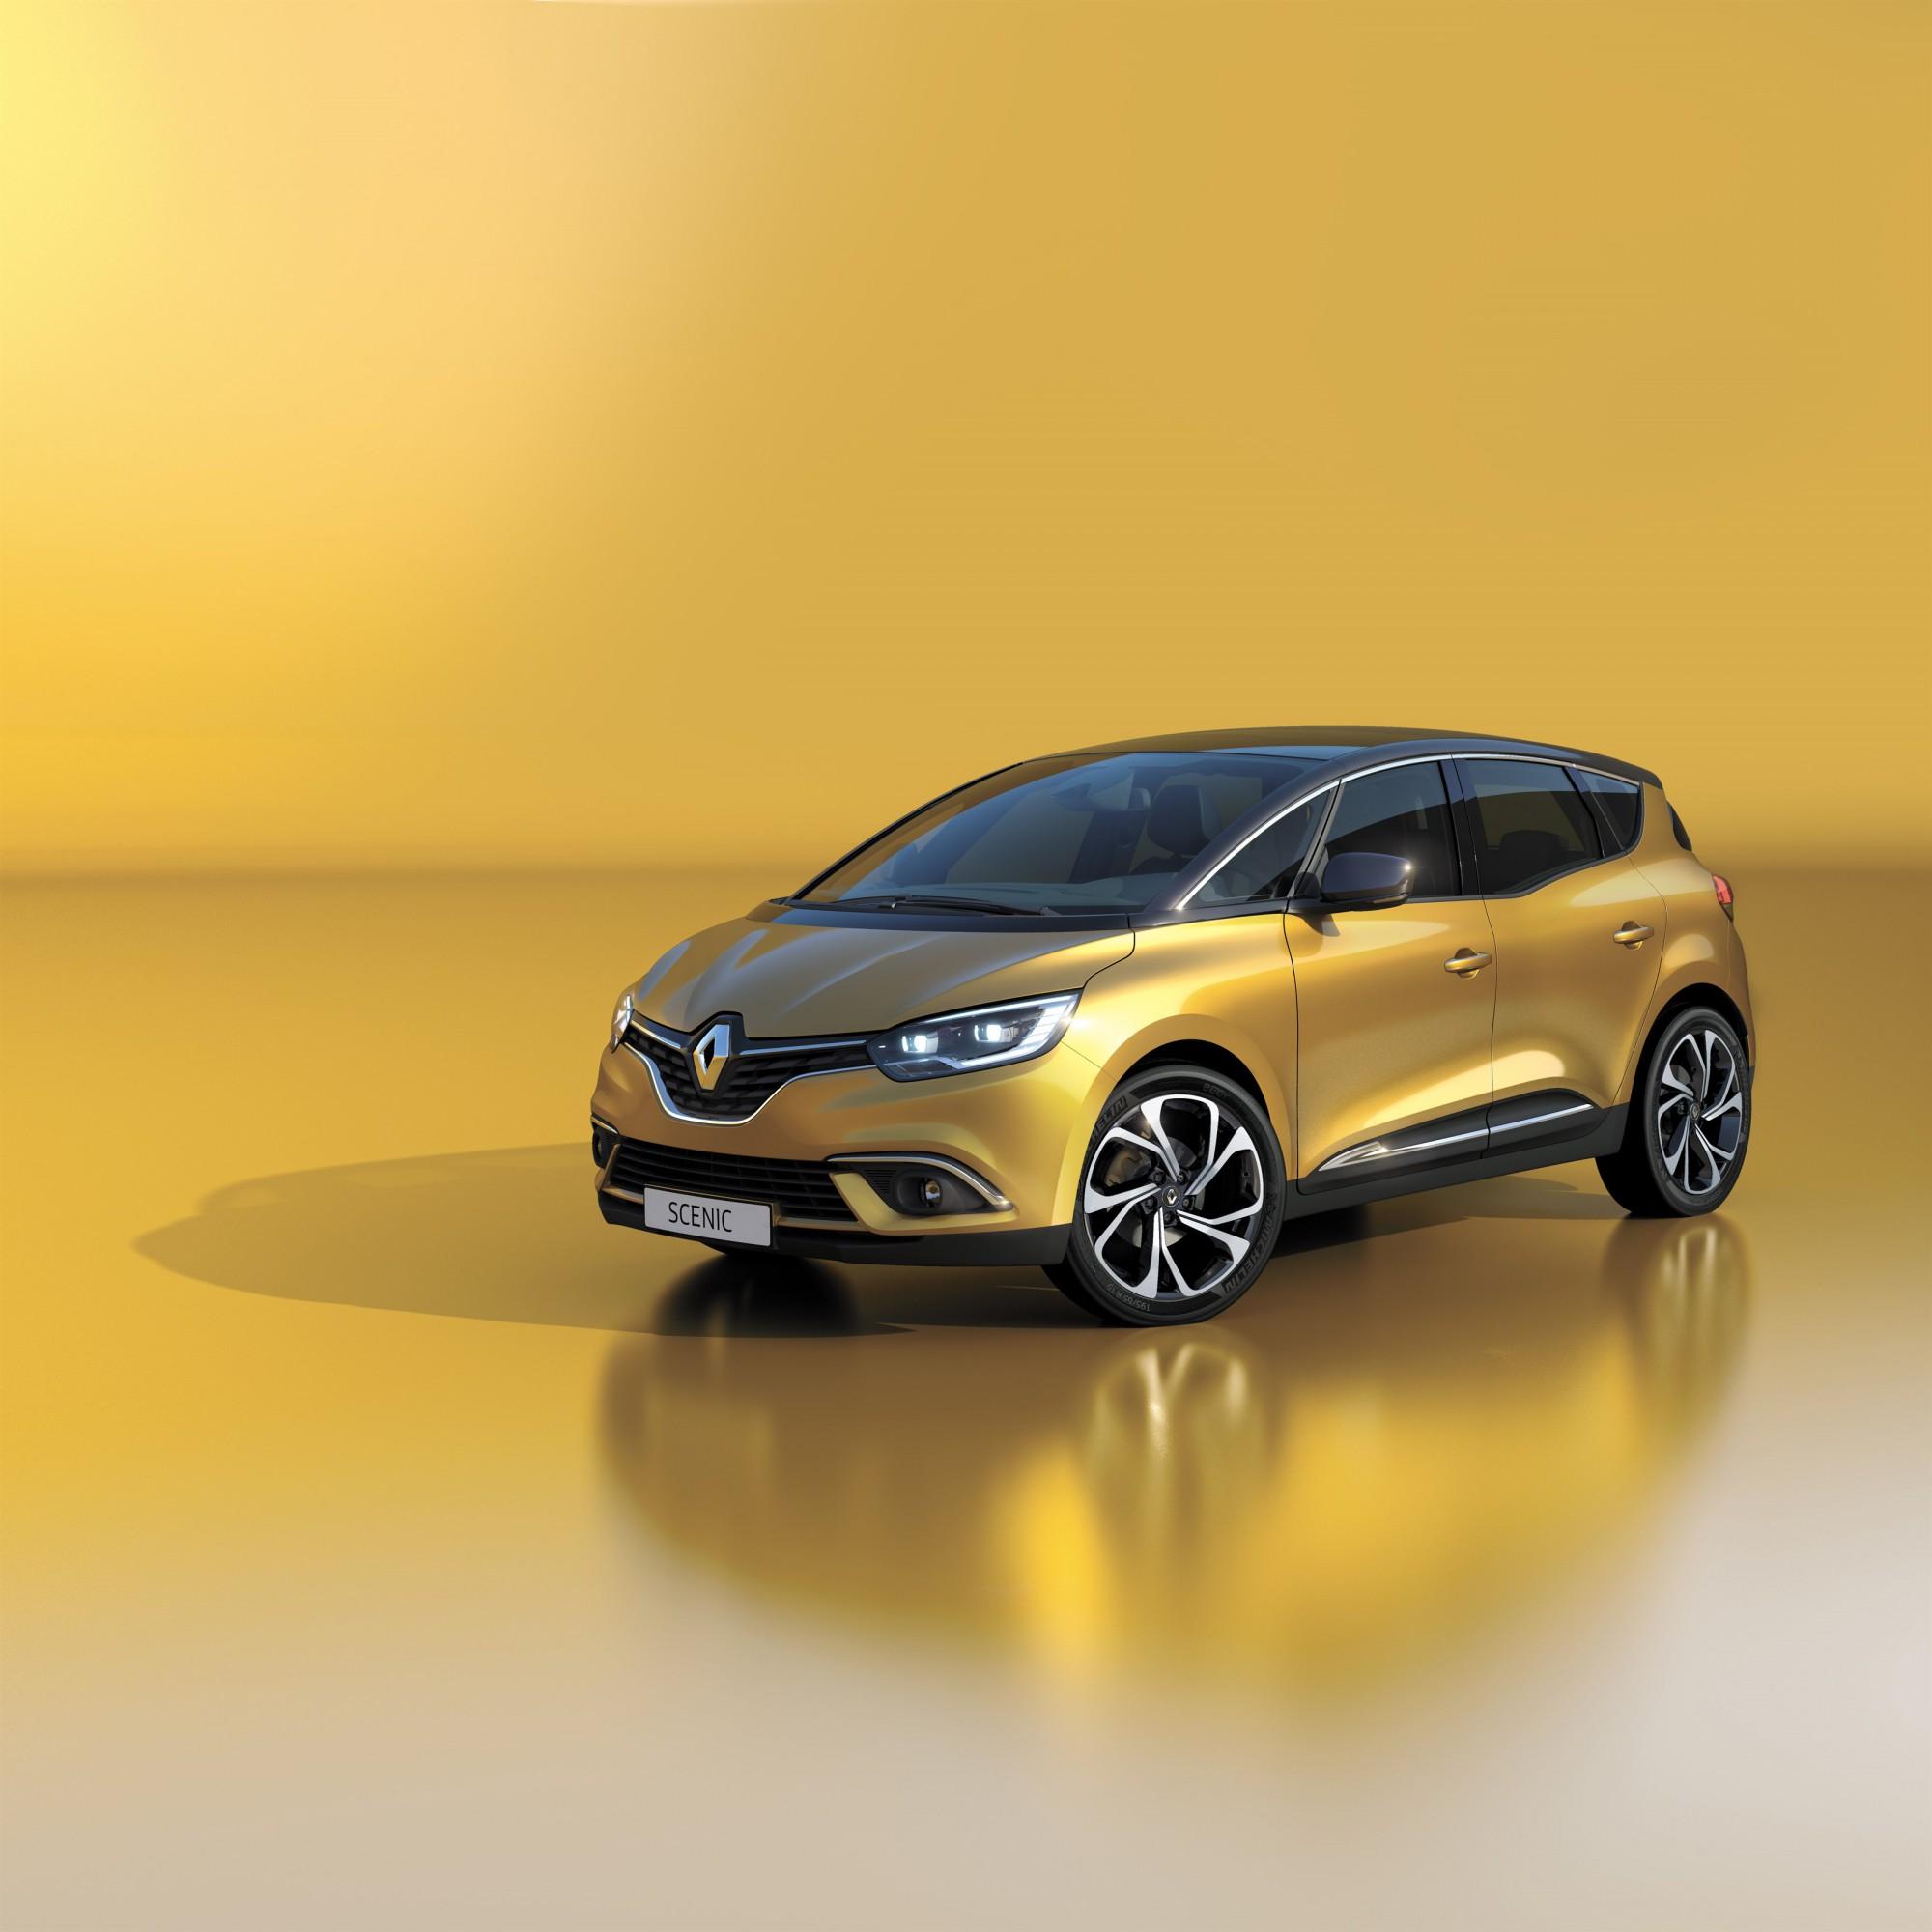 De nieuwe Renault Scénic. Foto: Renault